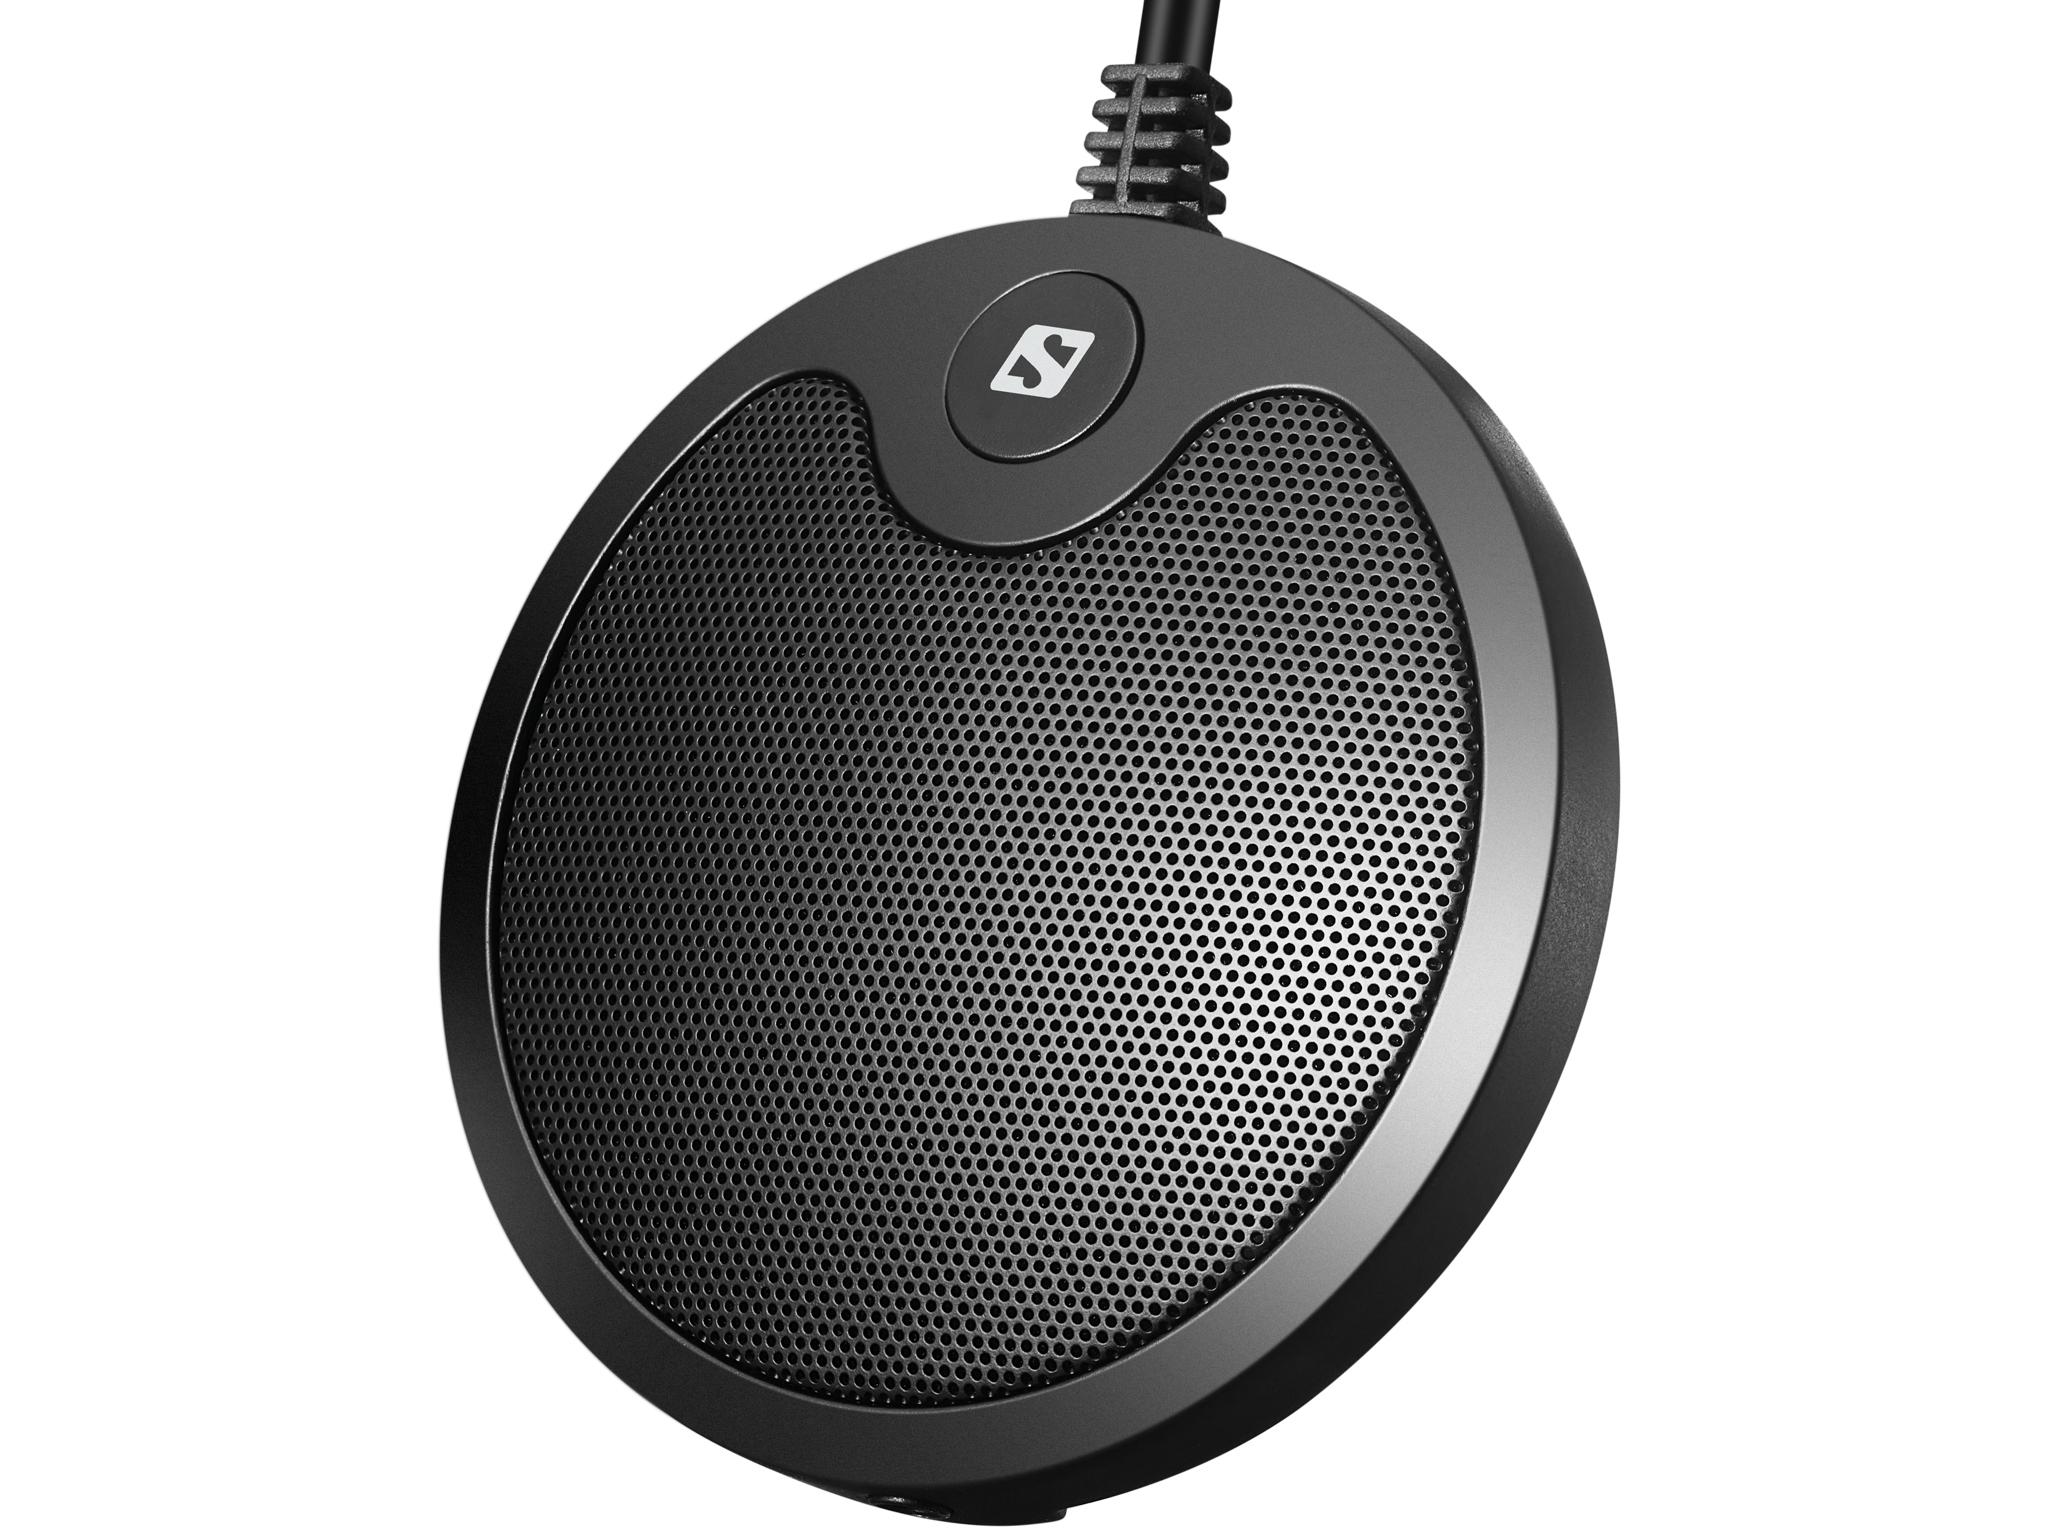 Sandberg USB Conference Desk Microphone, kan centraal op tafel